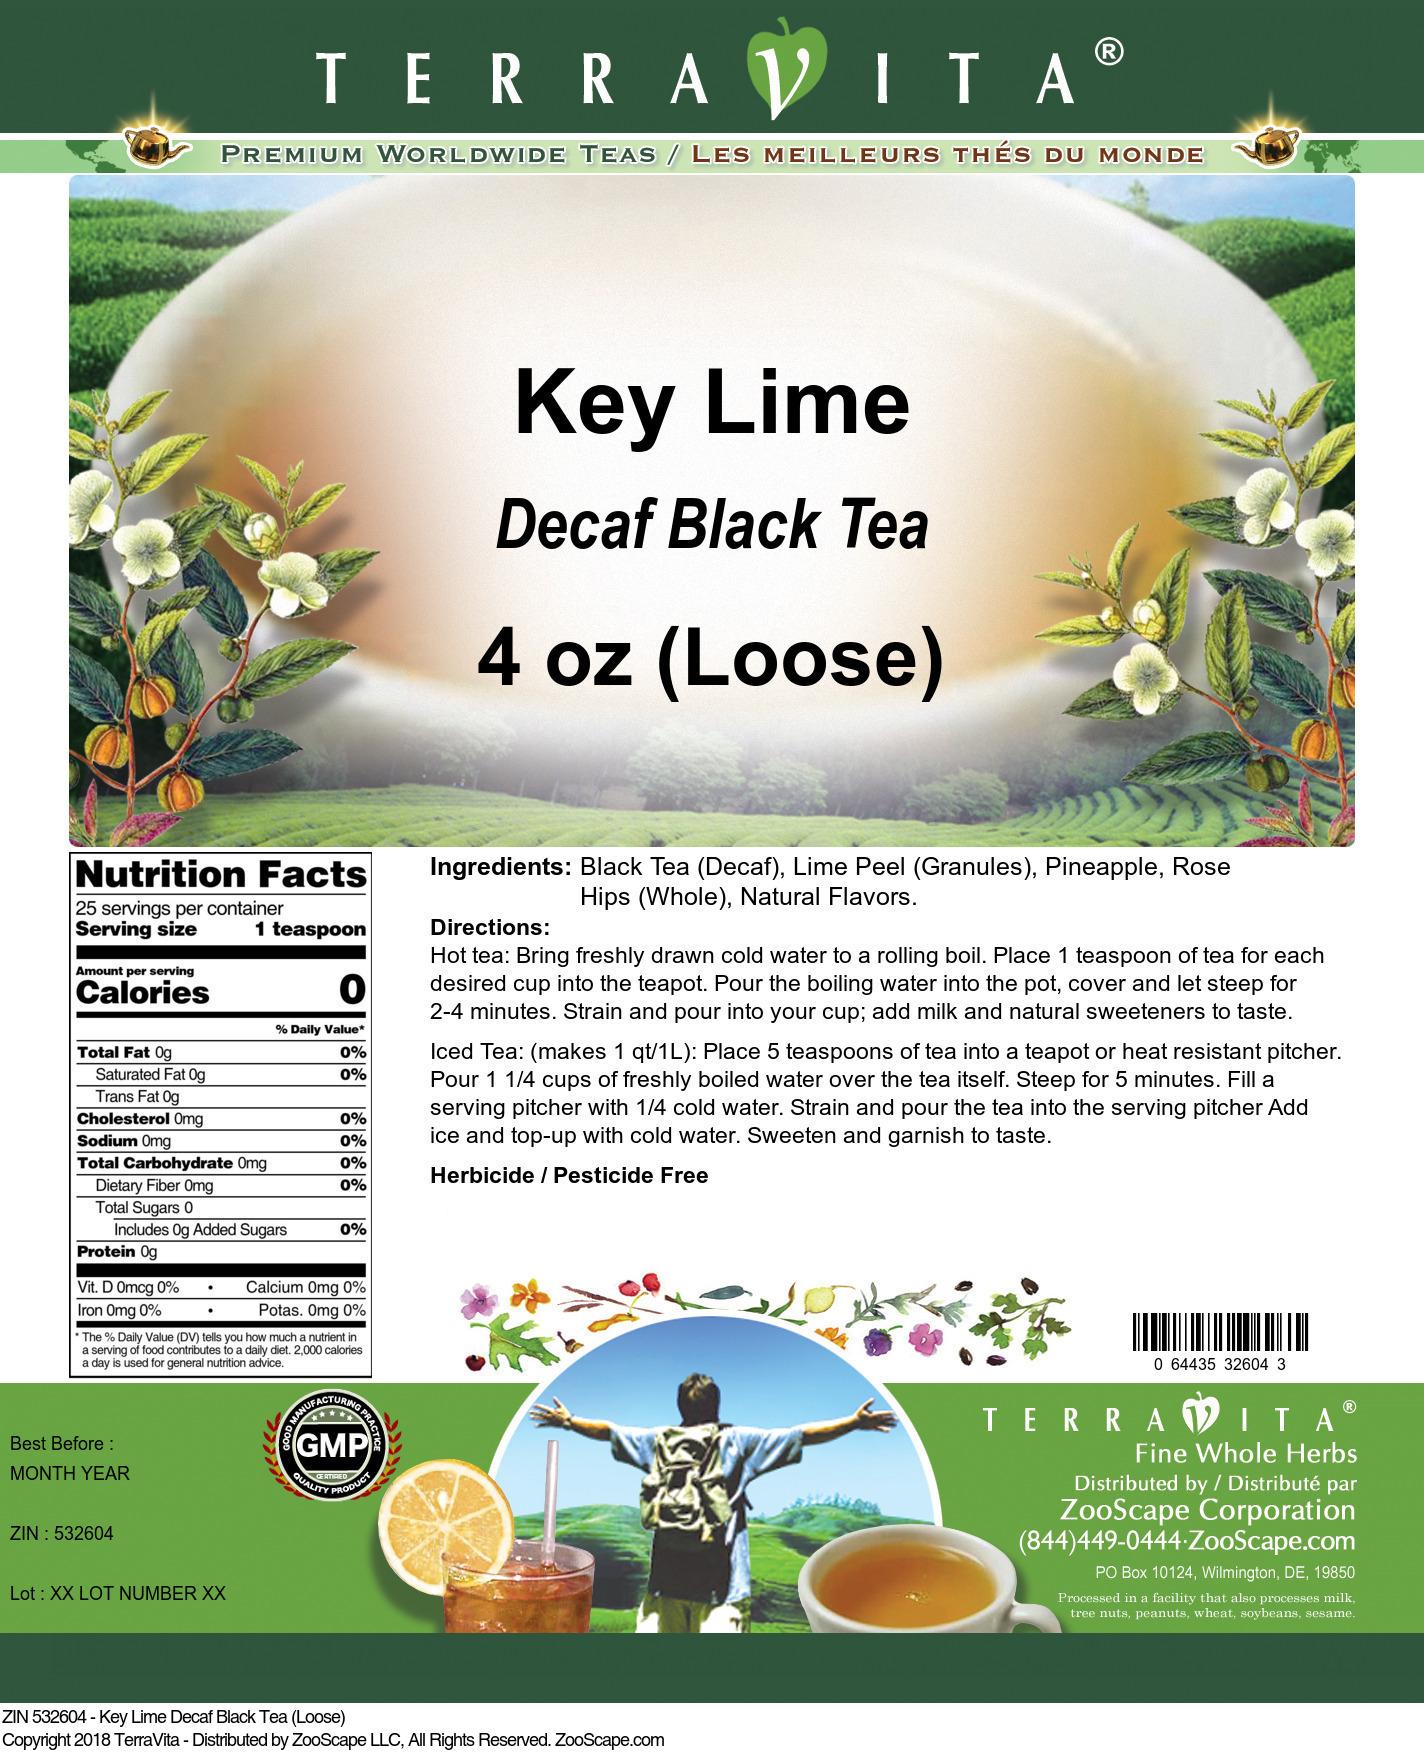 Key Lime Decaf Black Tea (Loose)